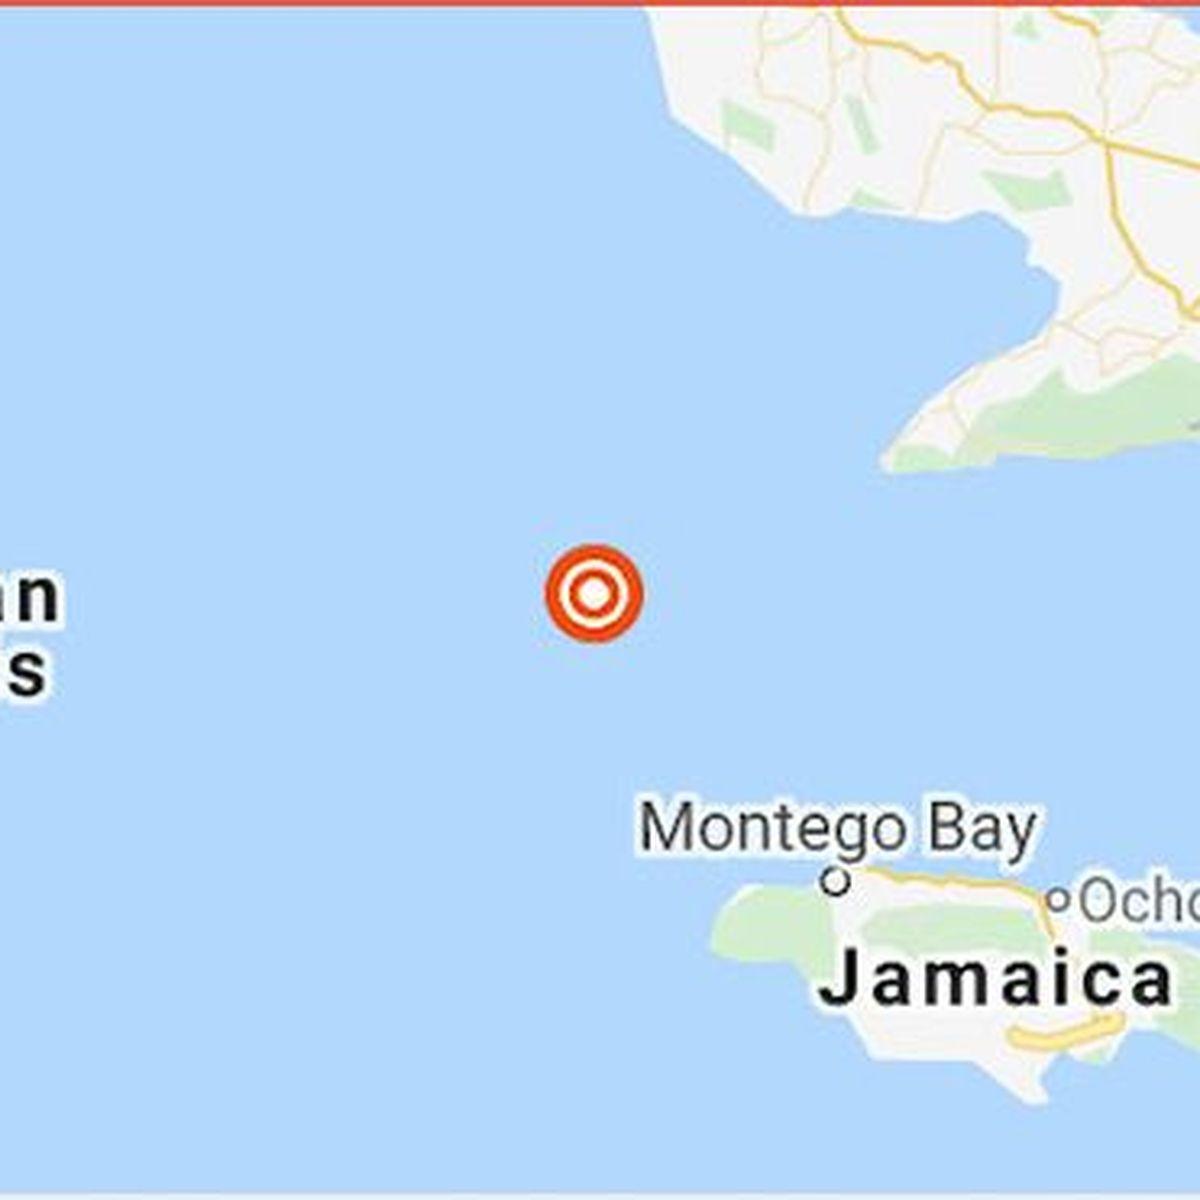 Alerte tsunami pour la Jamaïque, Cuba, Les Îles Caïmans, le Honduras, le Mexique et Bélize après un fort séisme